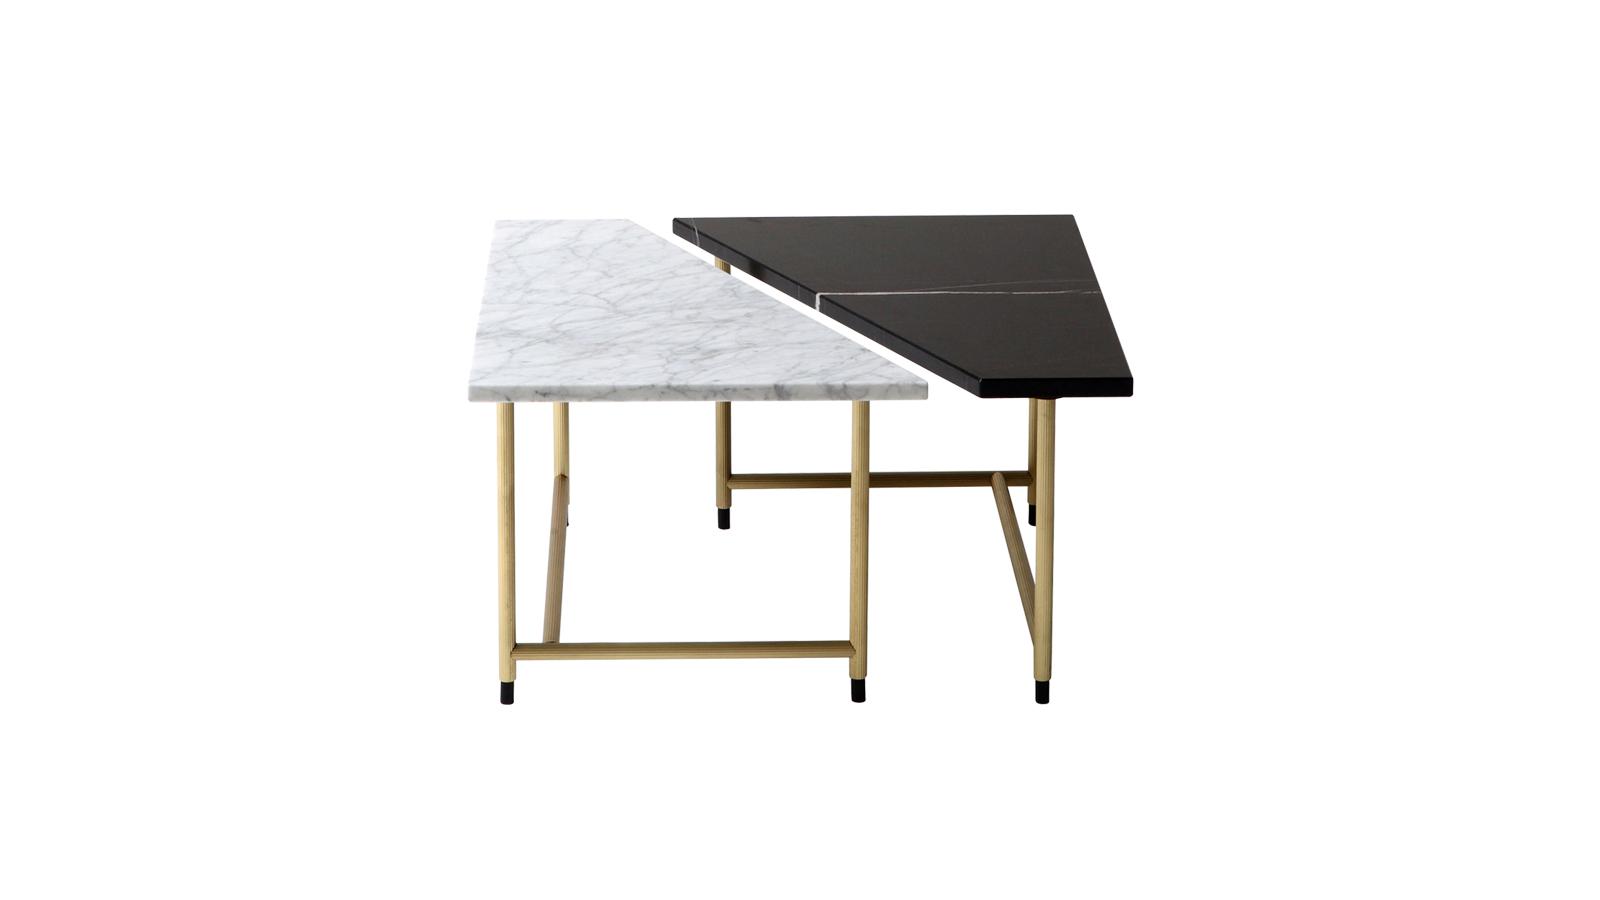 A GamFratesi tervezőpárost a geometria és a minőségi, nemes anyagok iránti vonzalom vezette a dohányzóasztal-kollekció tervezésében, amit nem kisebb mesterről neveztek el, mint a reneszánsz építészfejedelemről, Palladioról. A réz vázon álló világos és sötét márványlapokkal gyártott asztalkák megrendelhetők kör és trapéz formában is. Utóbbiak állhatnak magukban, vagy téglalap formát kiadva, csatlakozhatnak is egymáshoz.